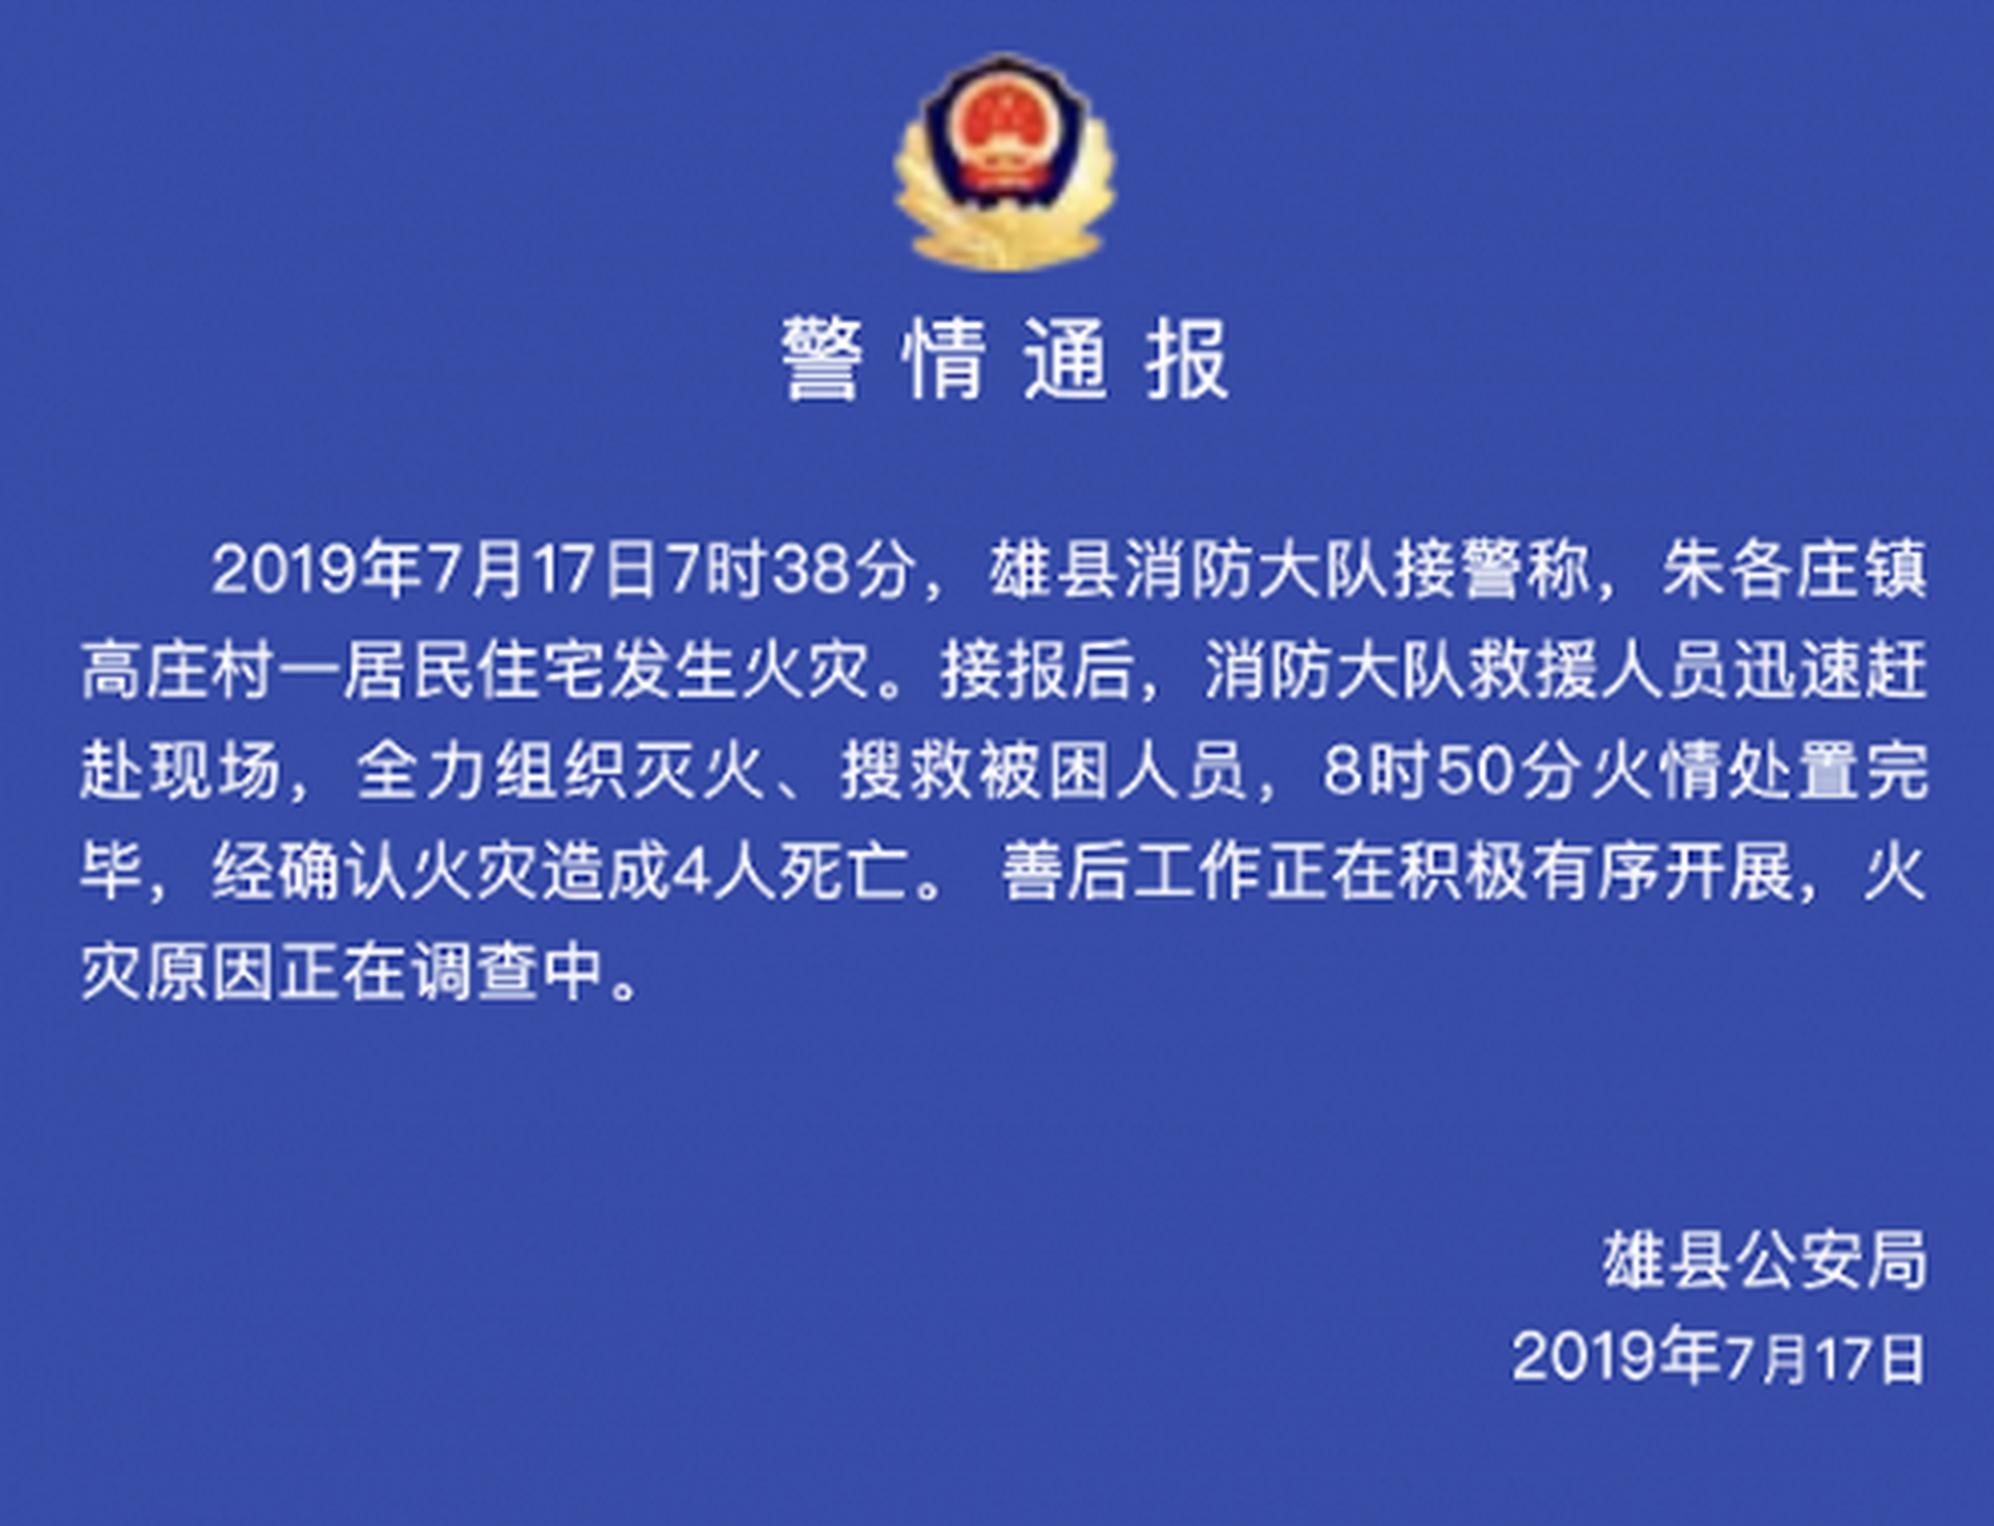 河北雄县一居民住宅发生火灾 造成4人死亡